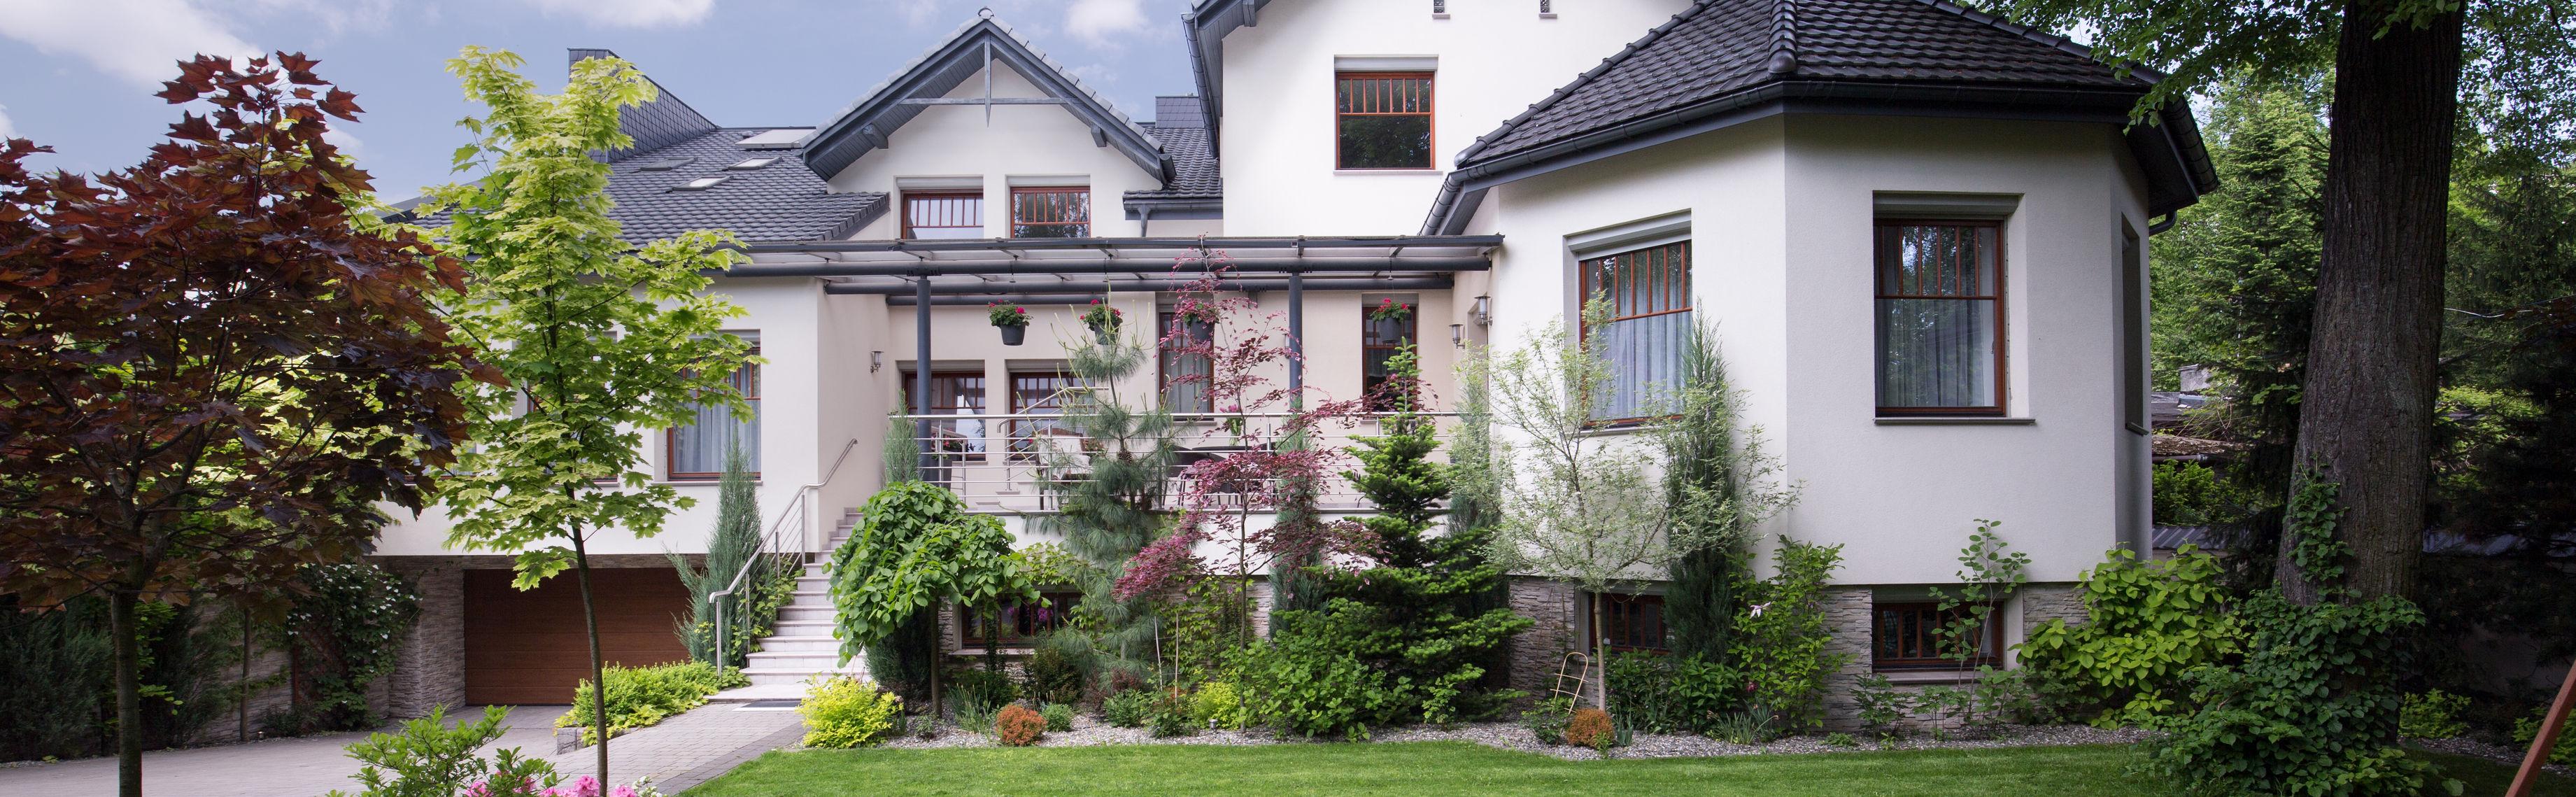 Vorderseite Haus